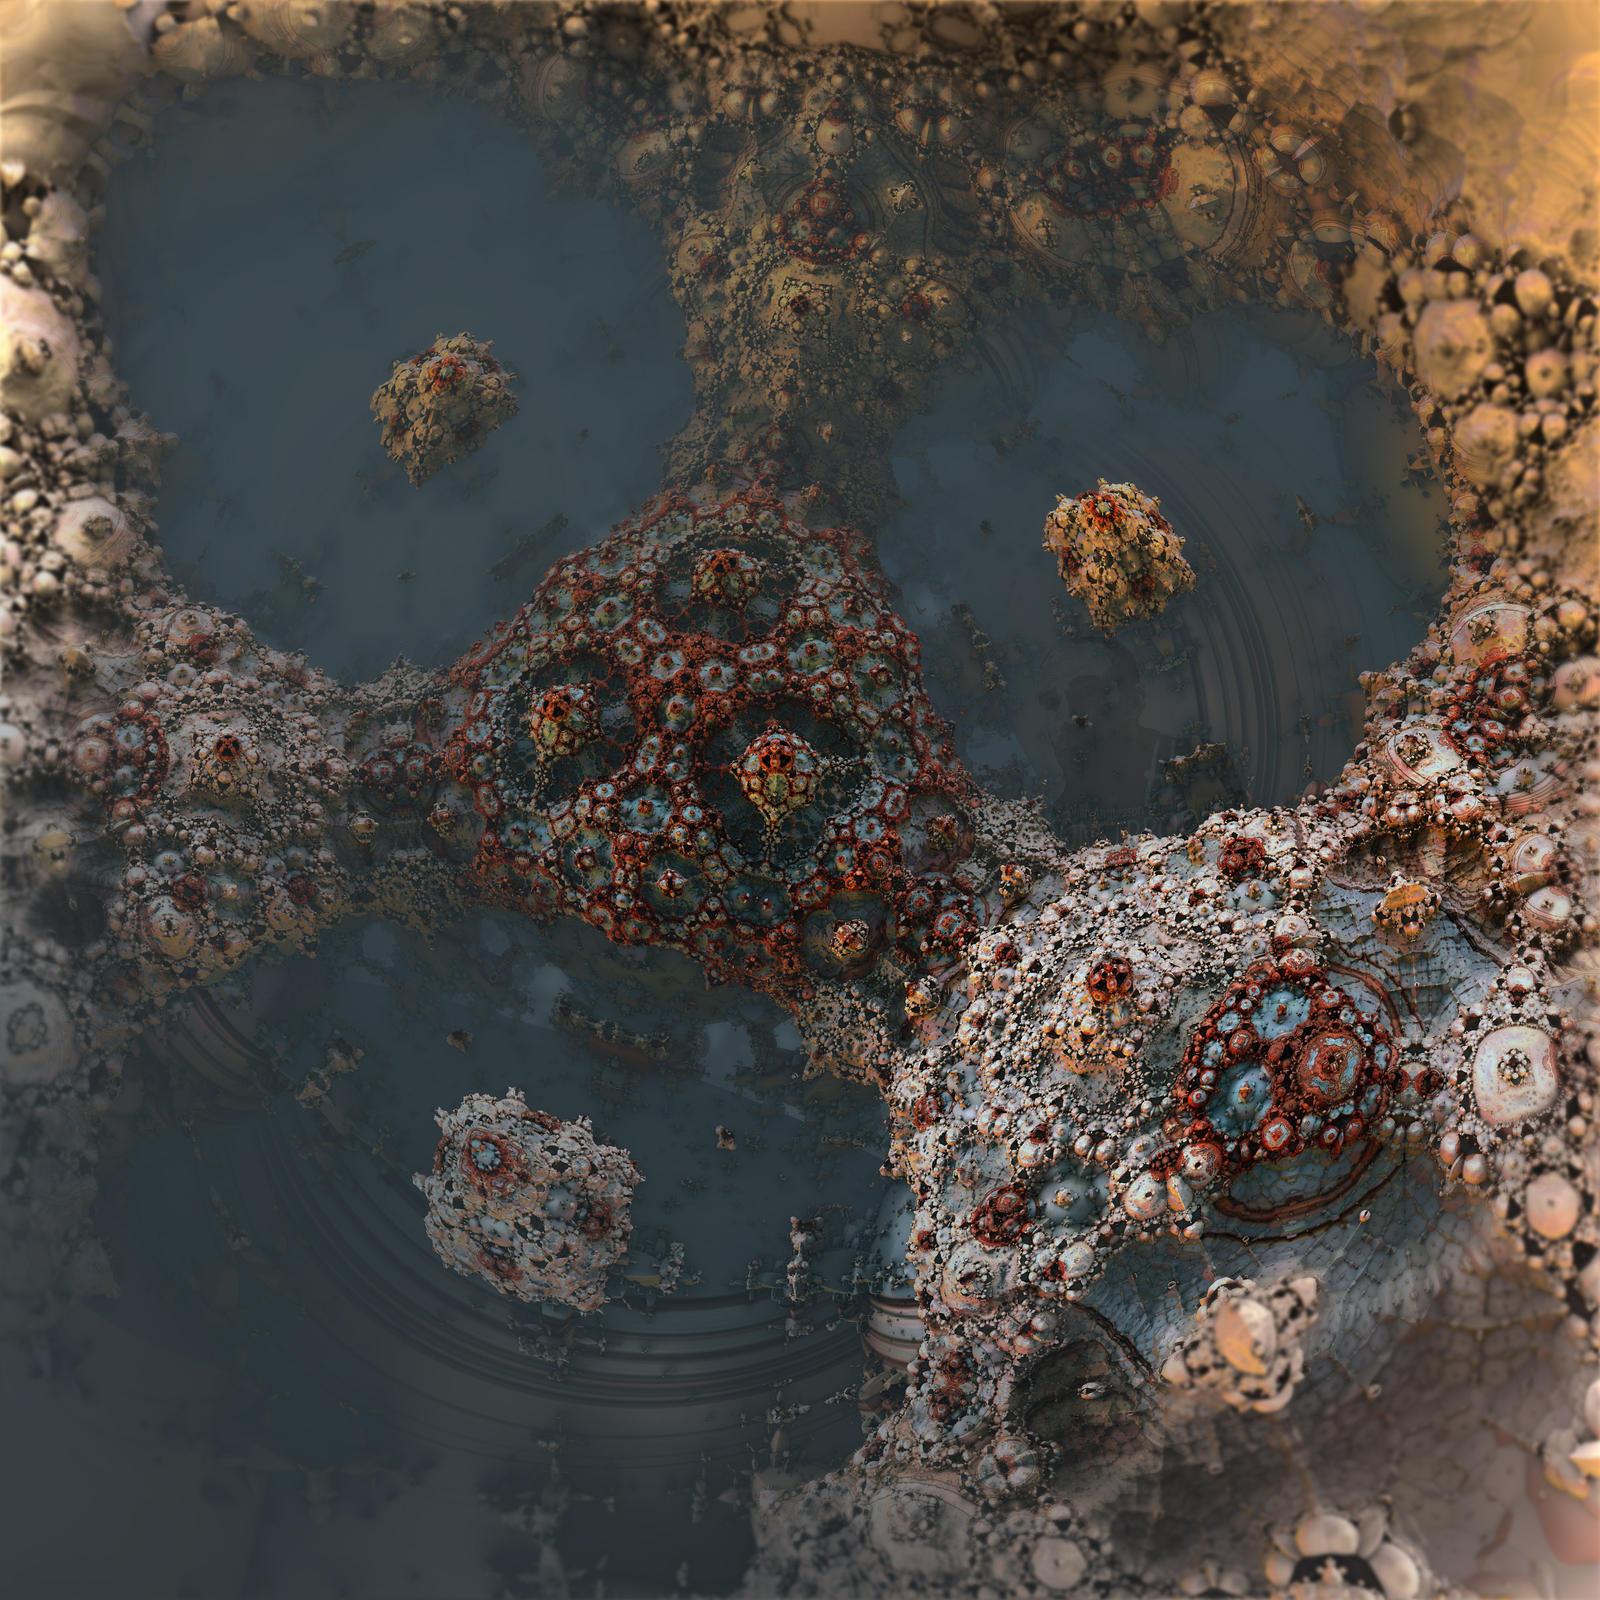 Tri-pond Fungus Abyss